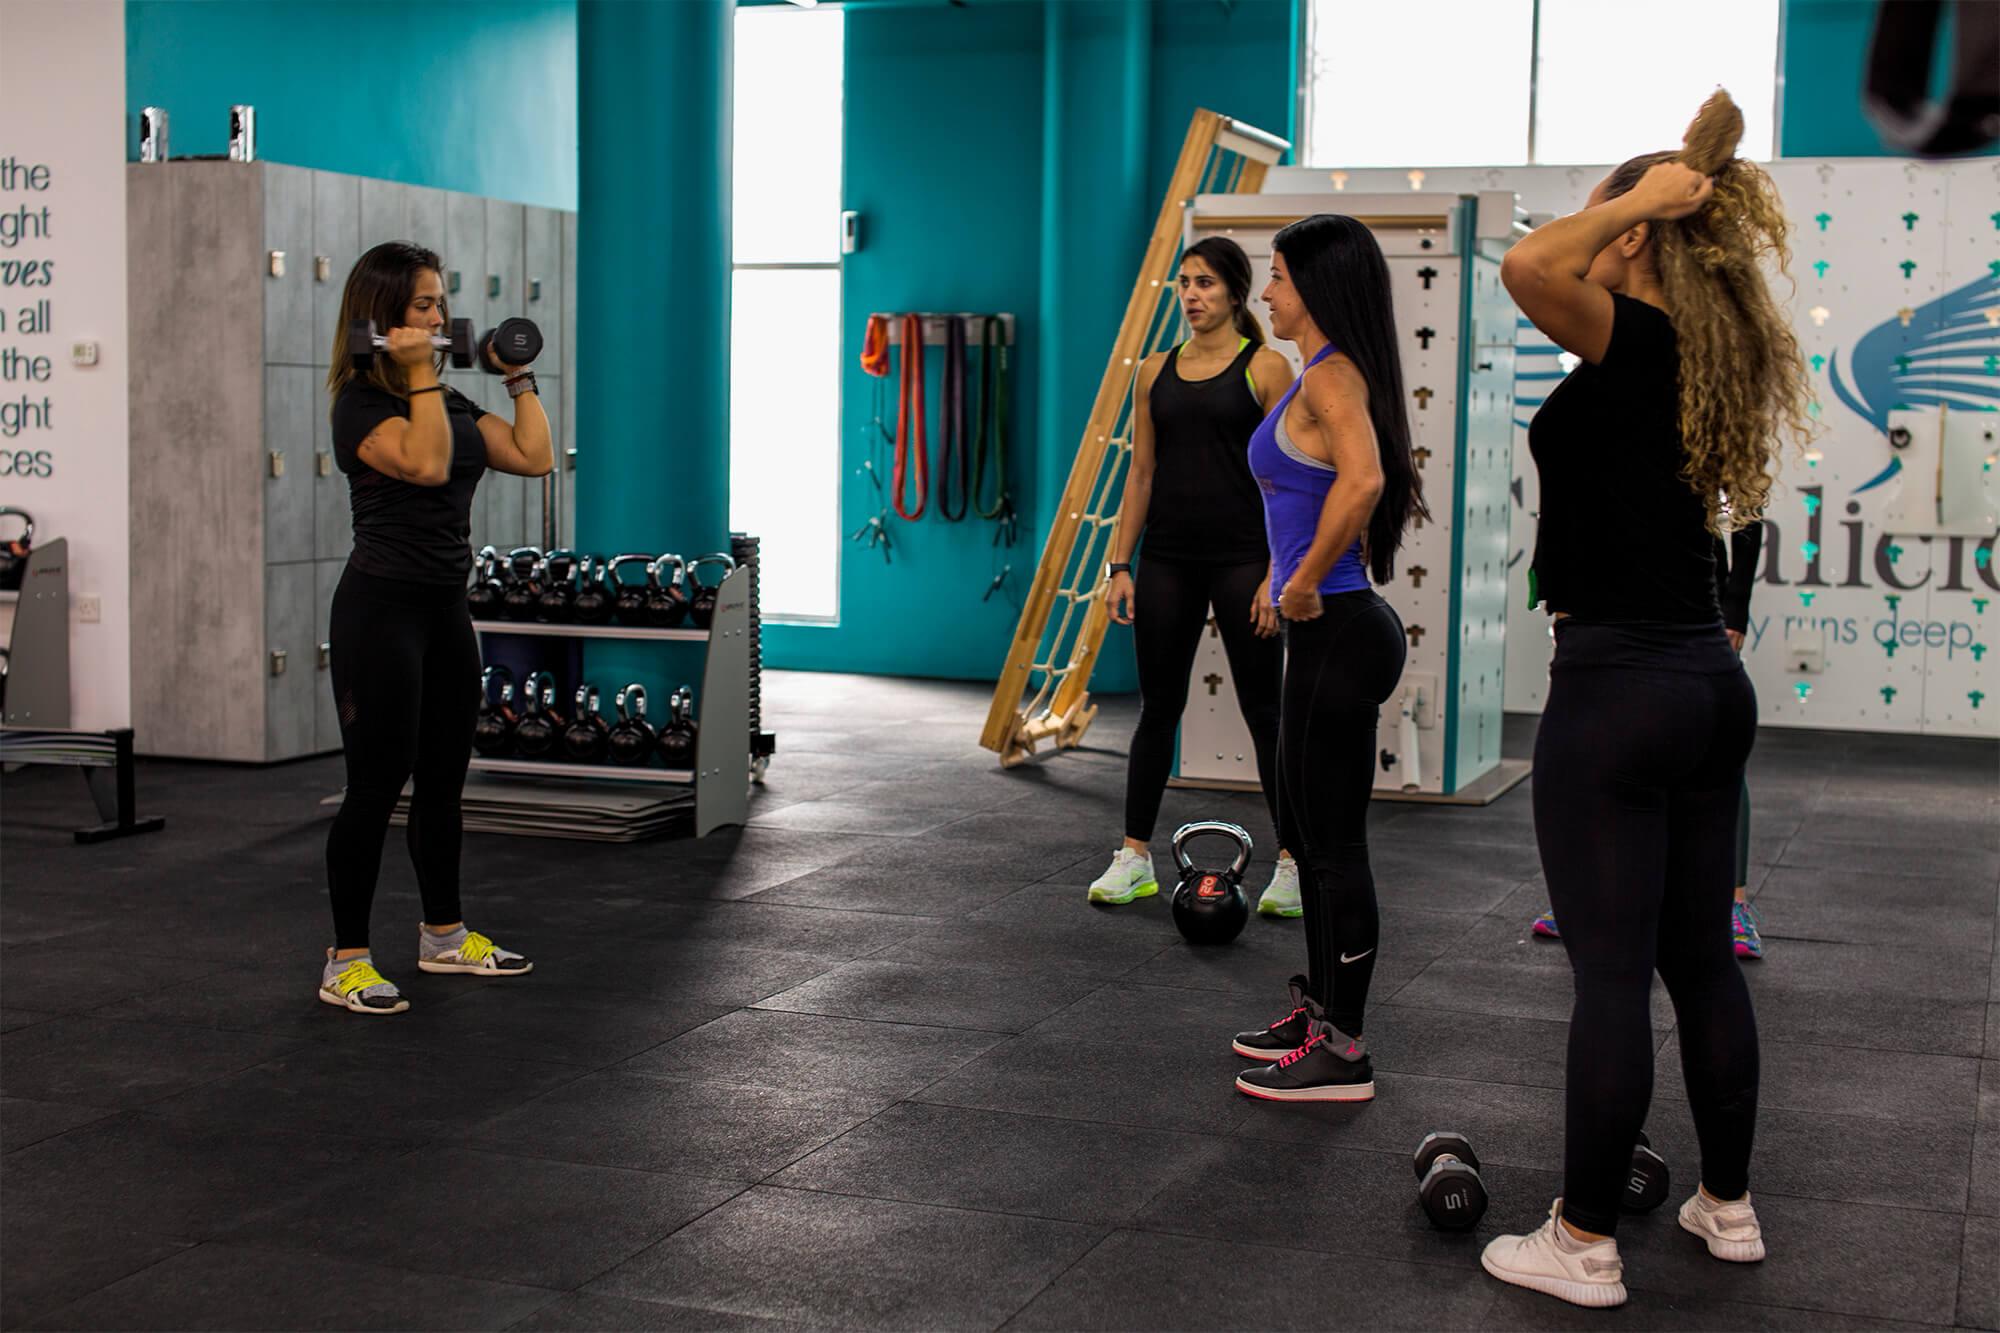 Group Exercise Classes for Women in Dubai